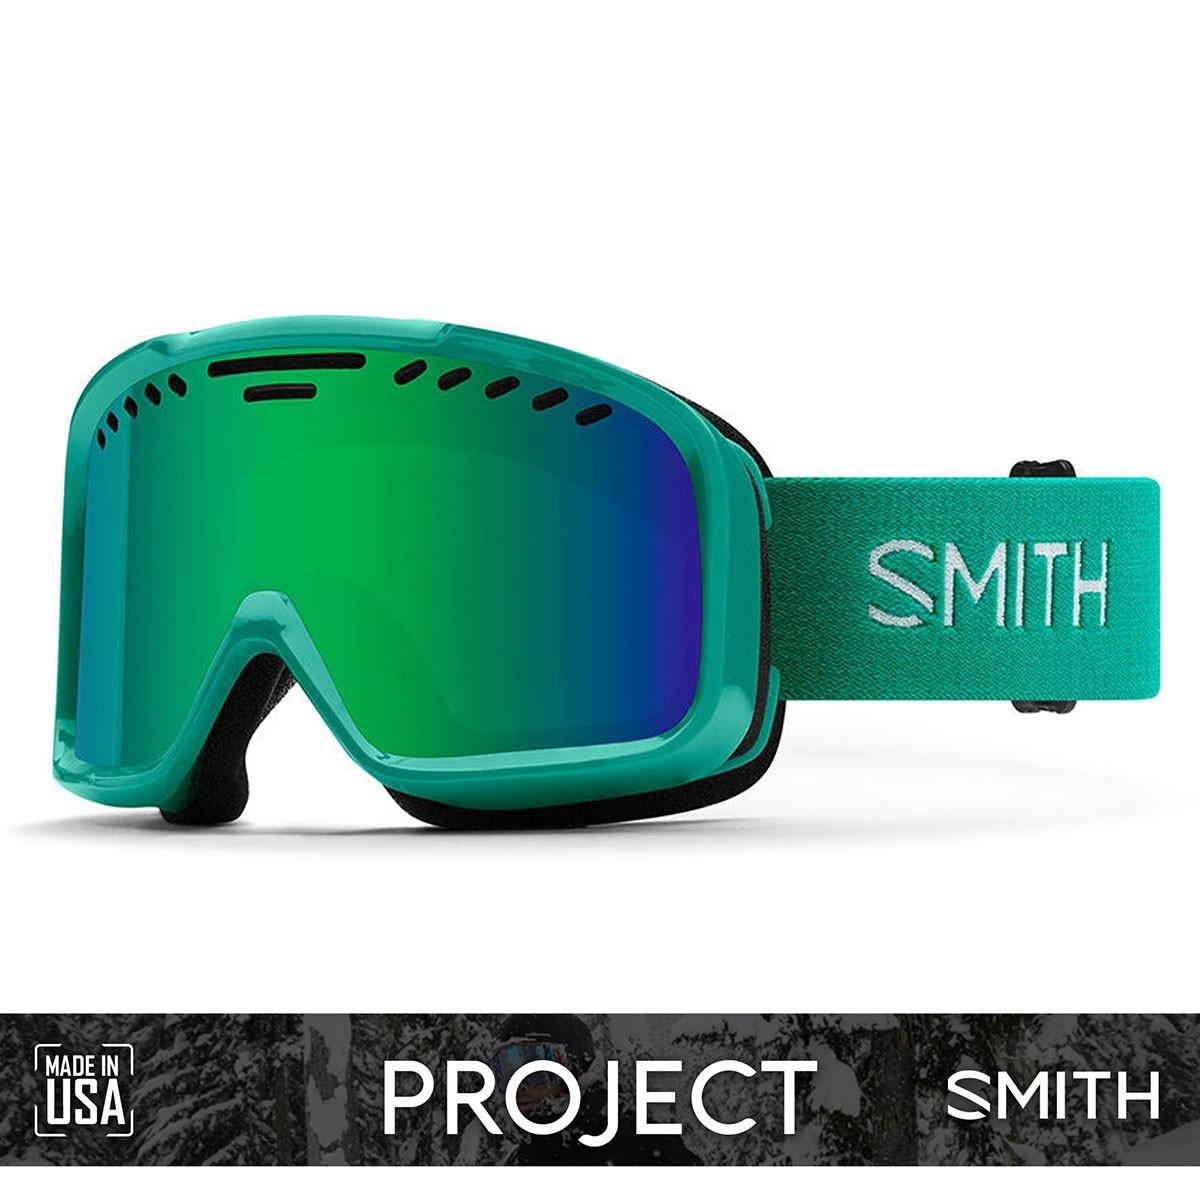 SMITH PROJECT Jade   S3 GREEN SOL-X Mirror - Изображение - AQUAMATRIX